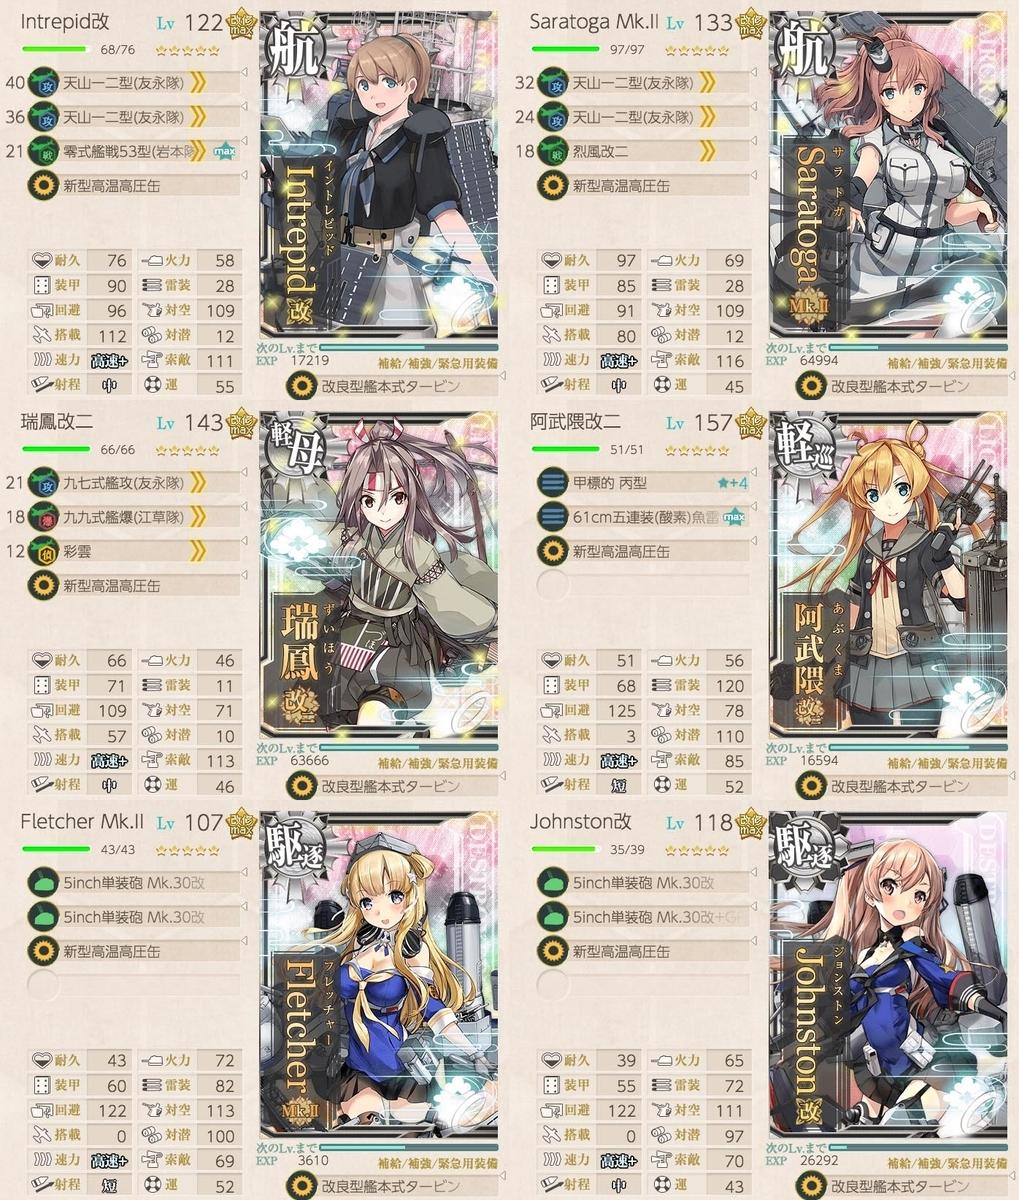 f:id:nameless_admiral:20200523102029j:plain